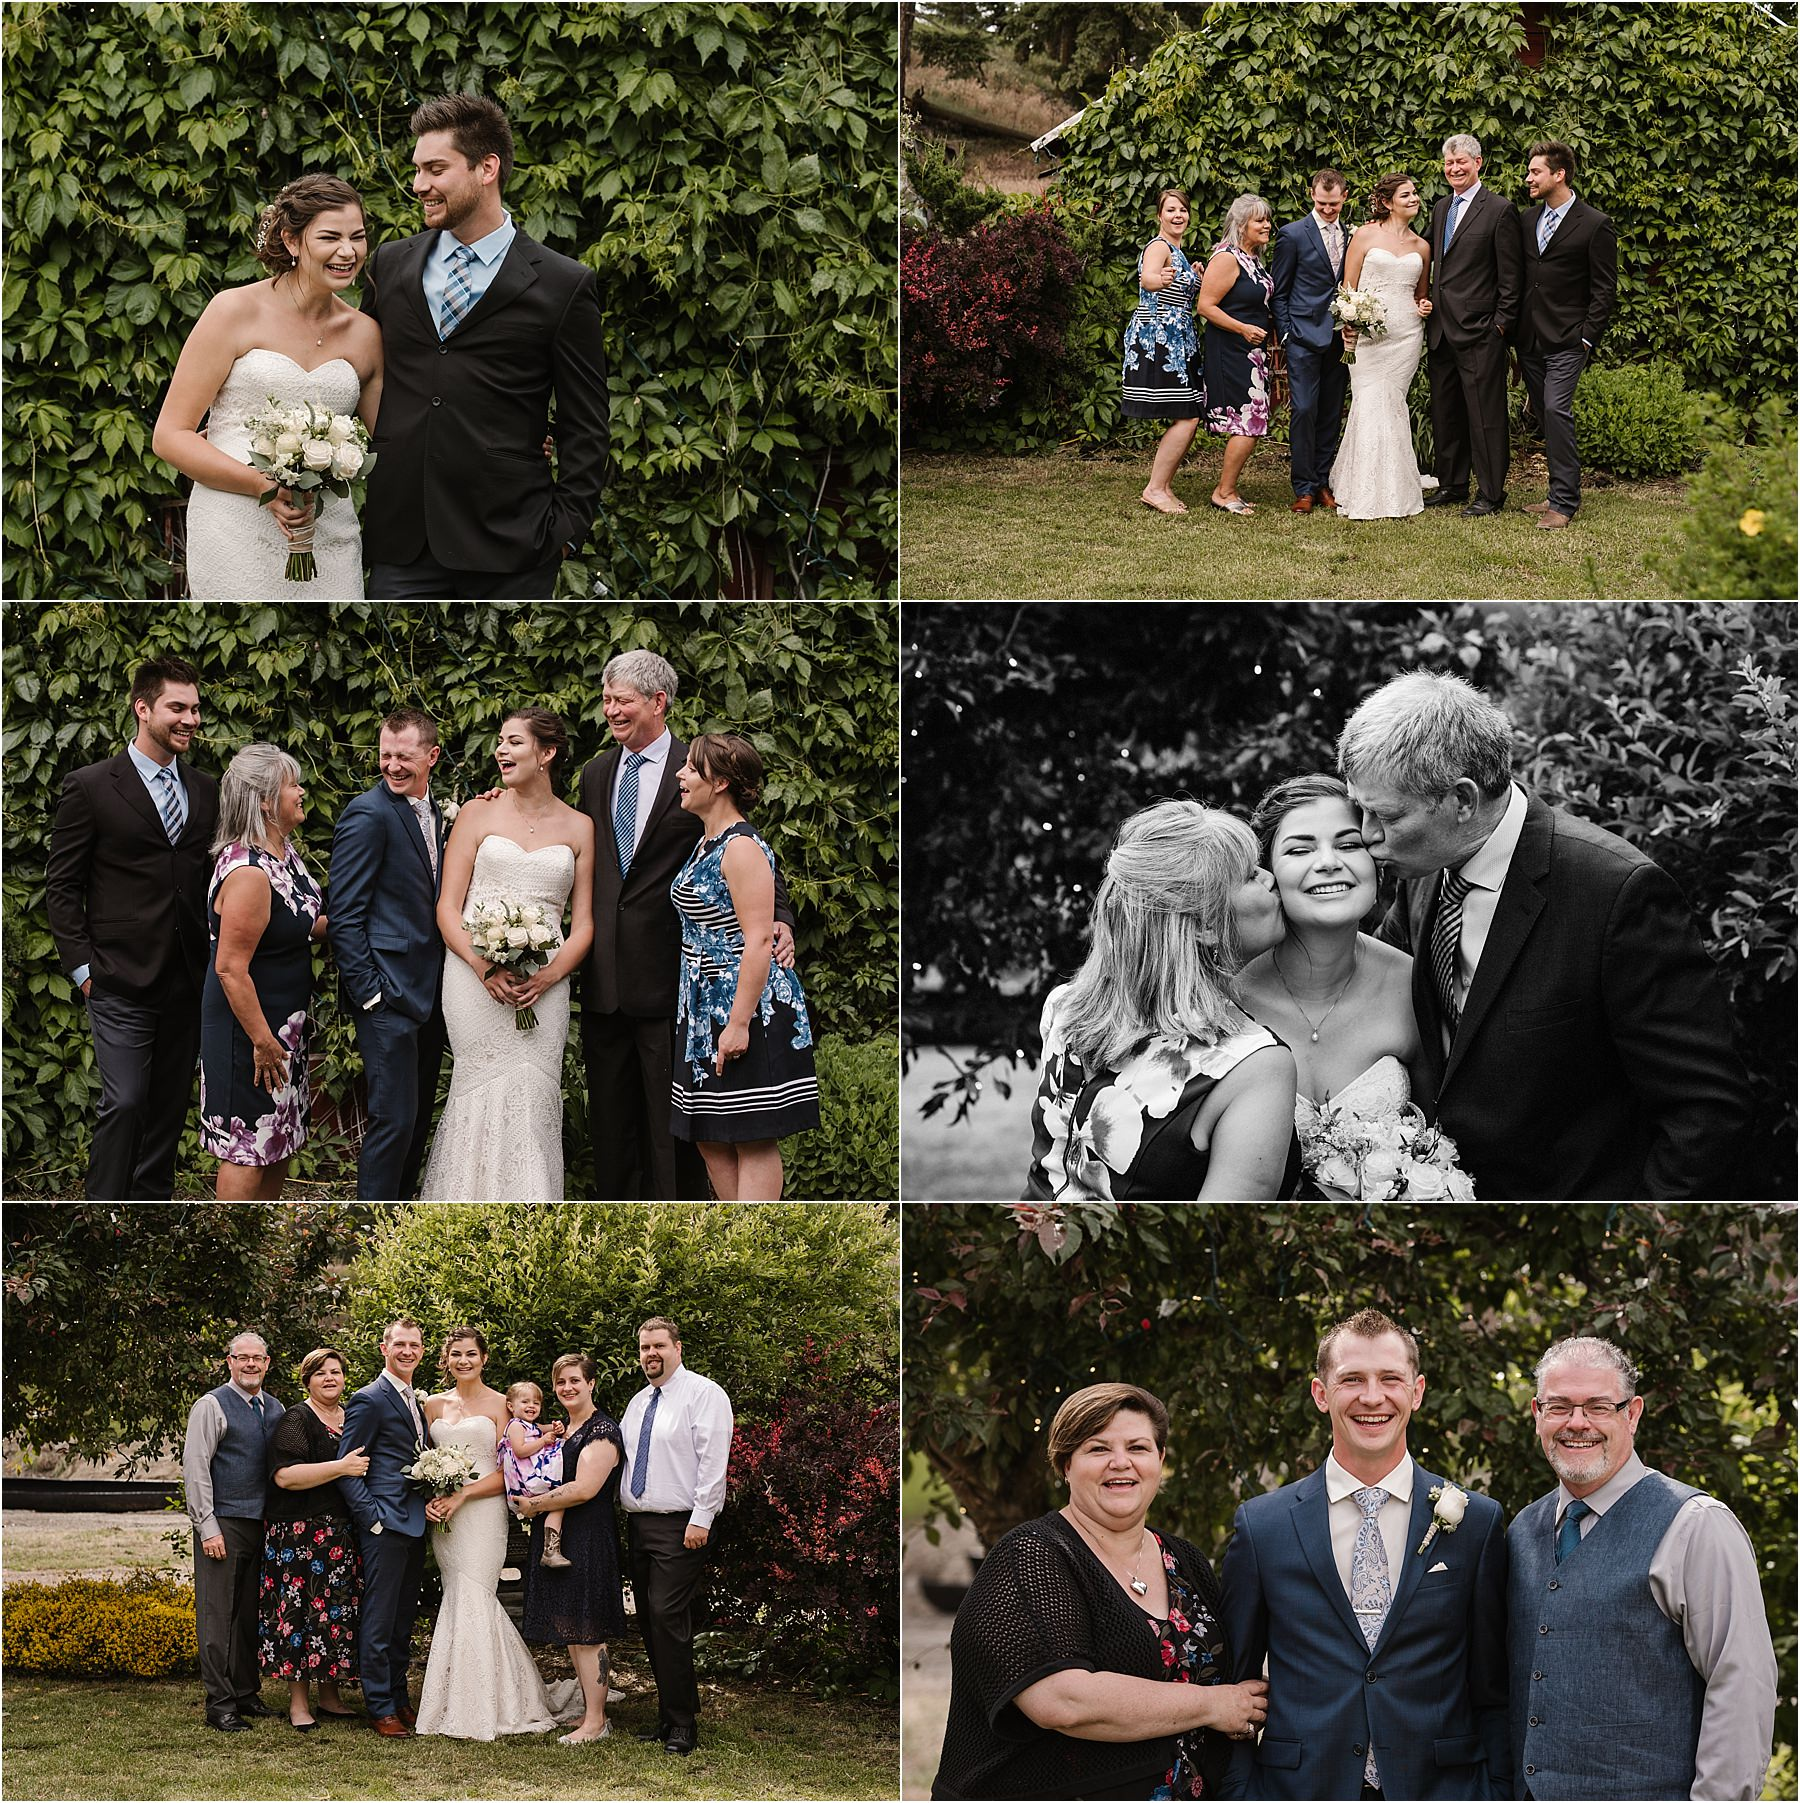 BC Interior wedding photographer fun family photos laughter garden